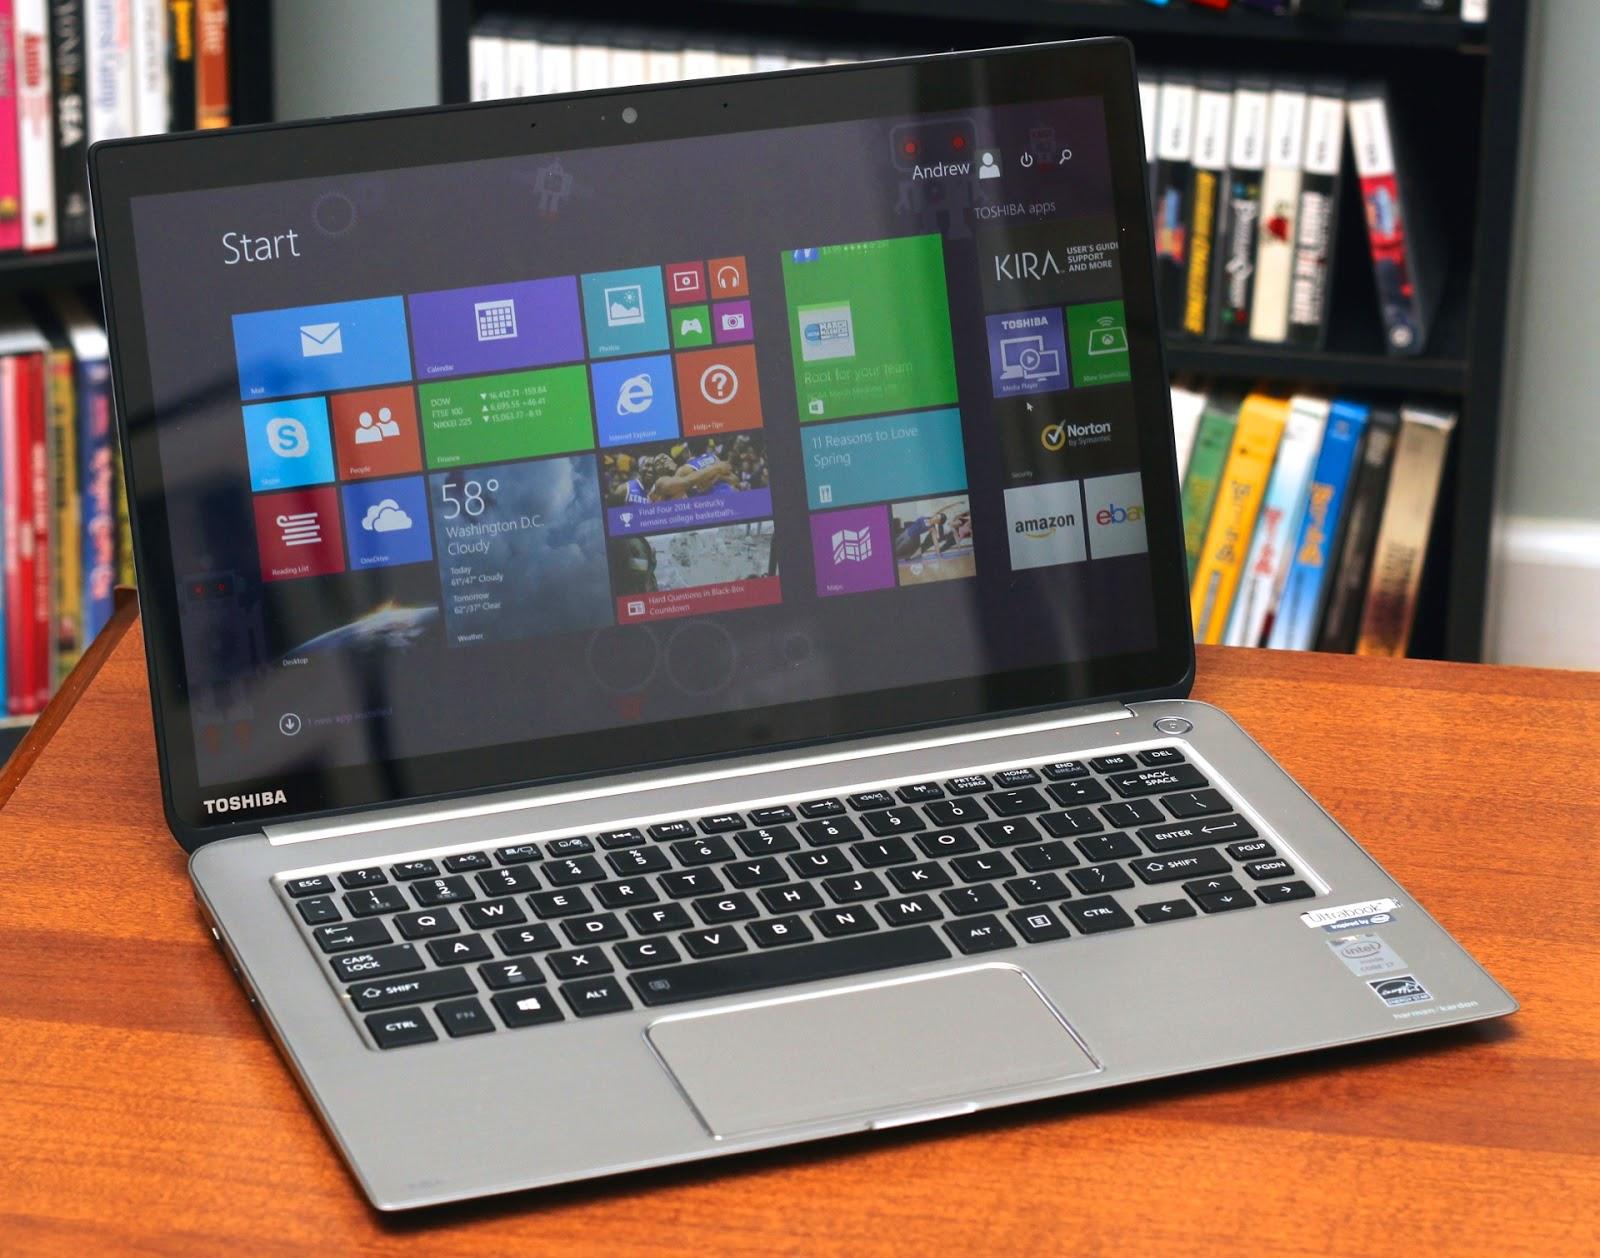 Harga Laptop Toshiba Satellite C40D Terbaru 2014